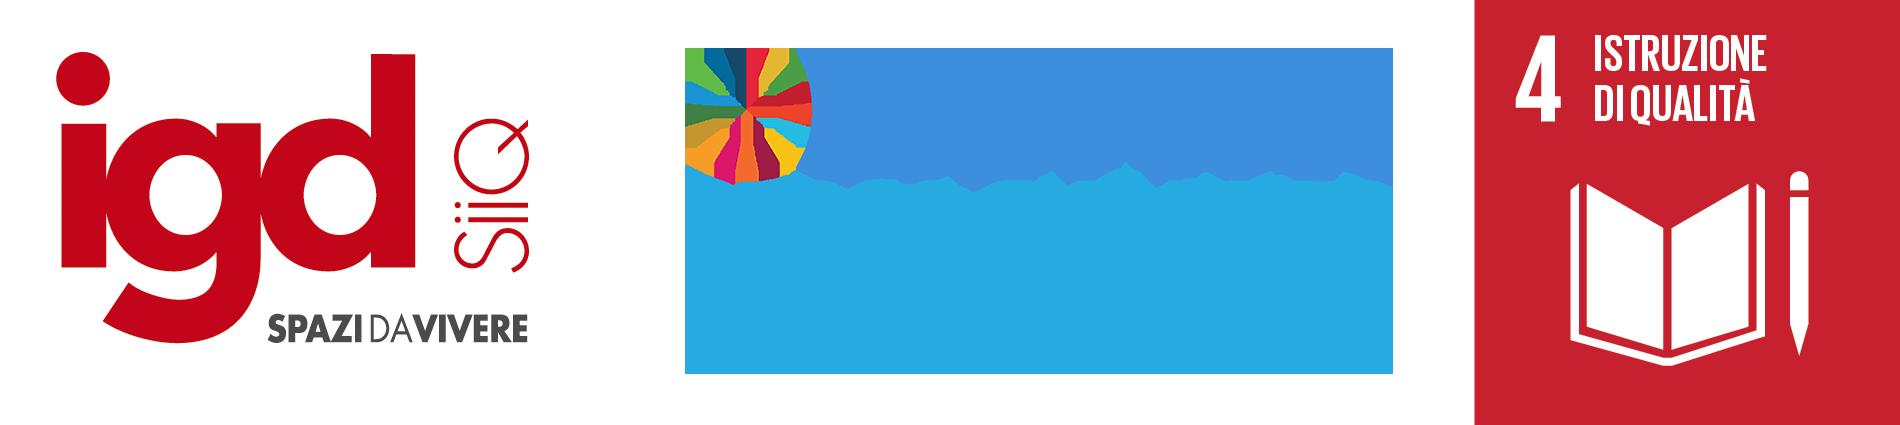 SDG_LOGO_it_4